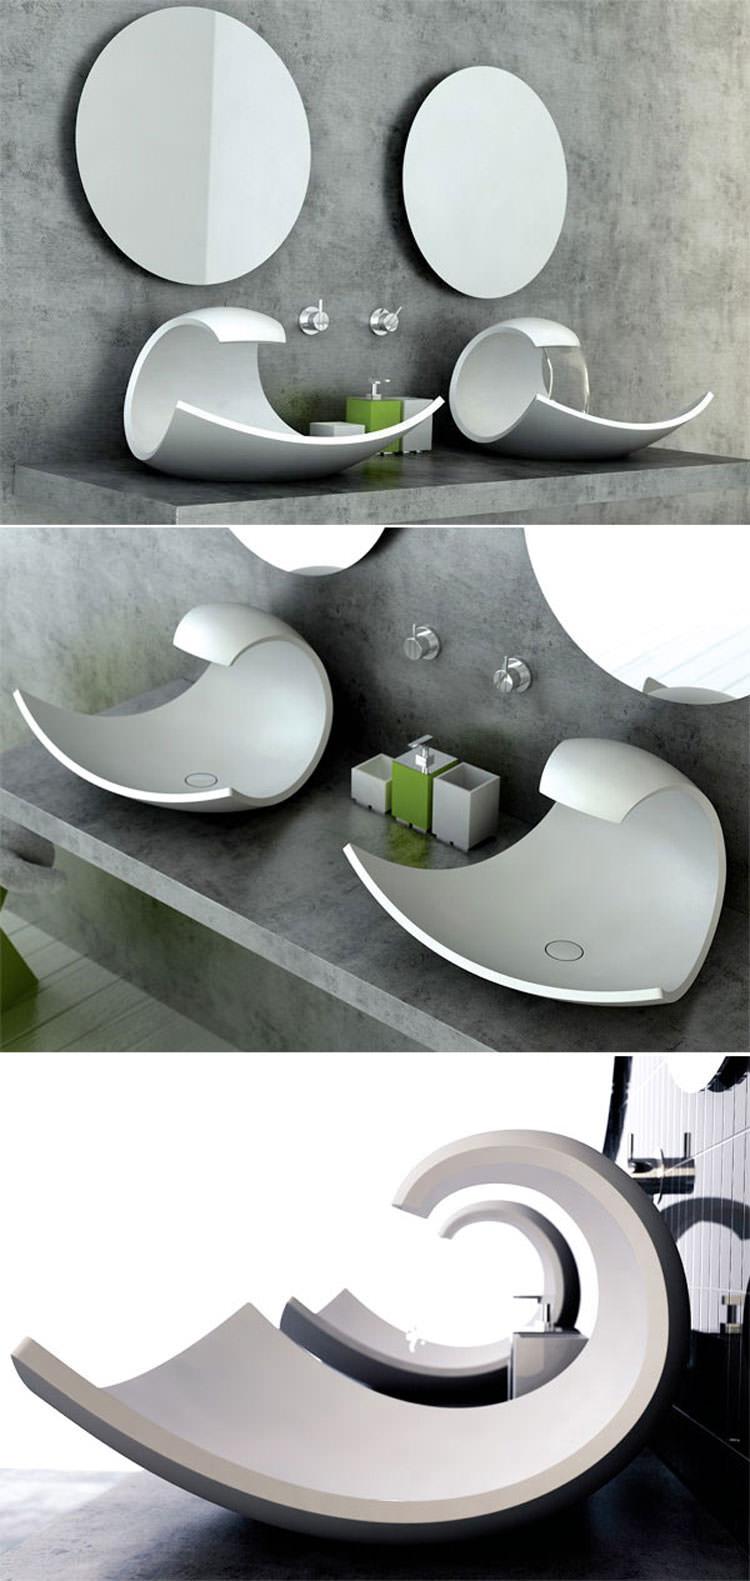 Lavandino futuristico per bagno moderno n.17